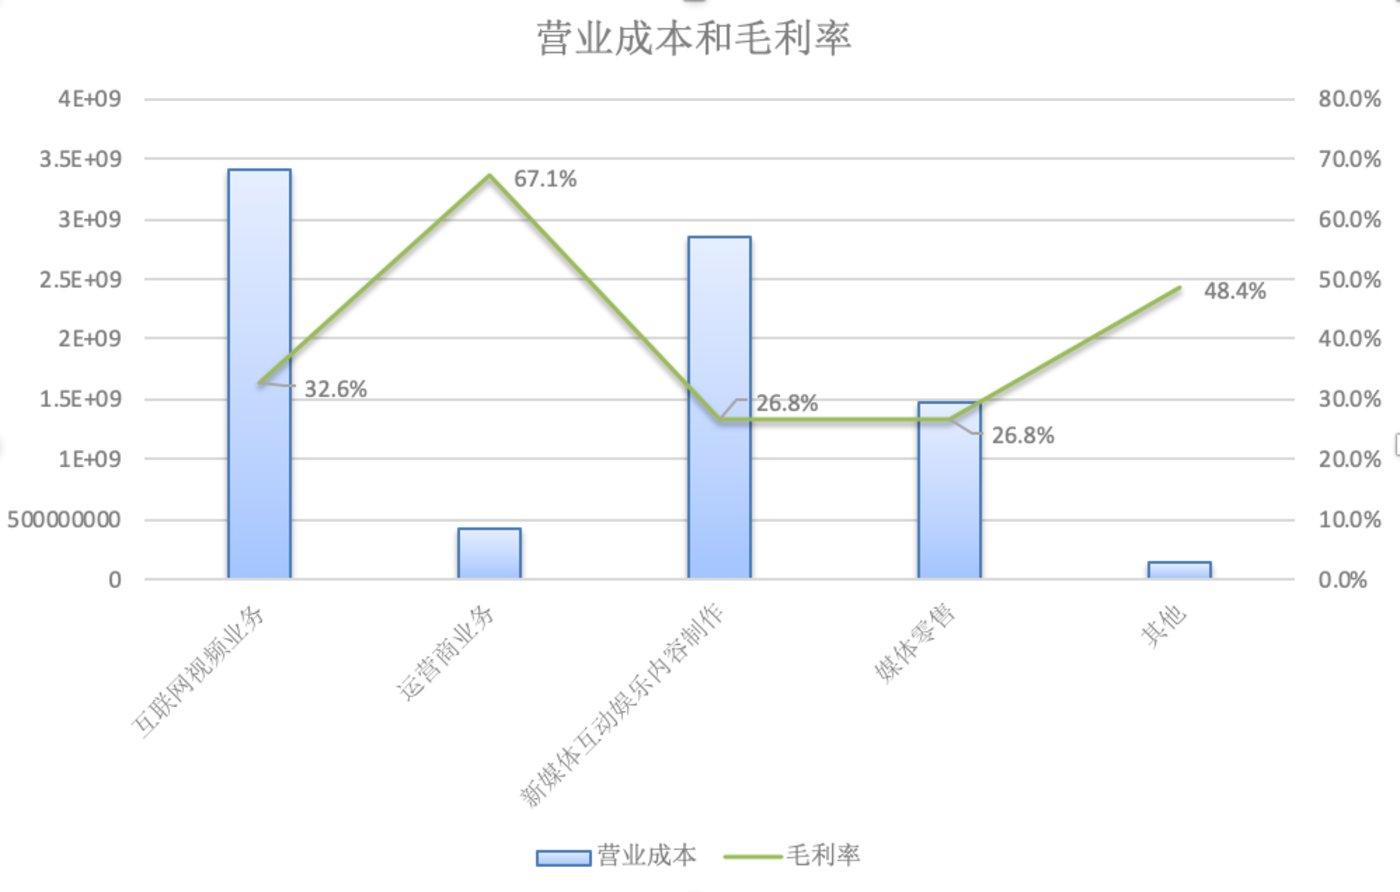 (芒果超媒的营业成本和毛利率,制图:财报看公司)